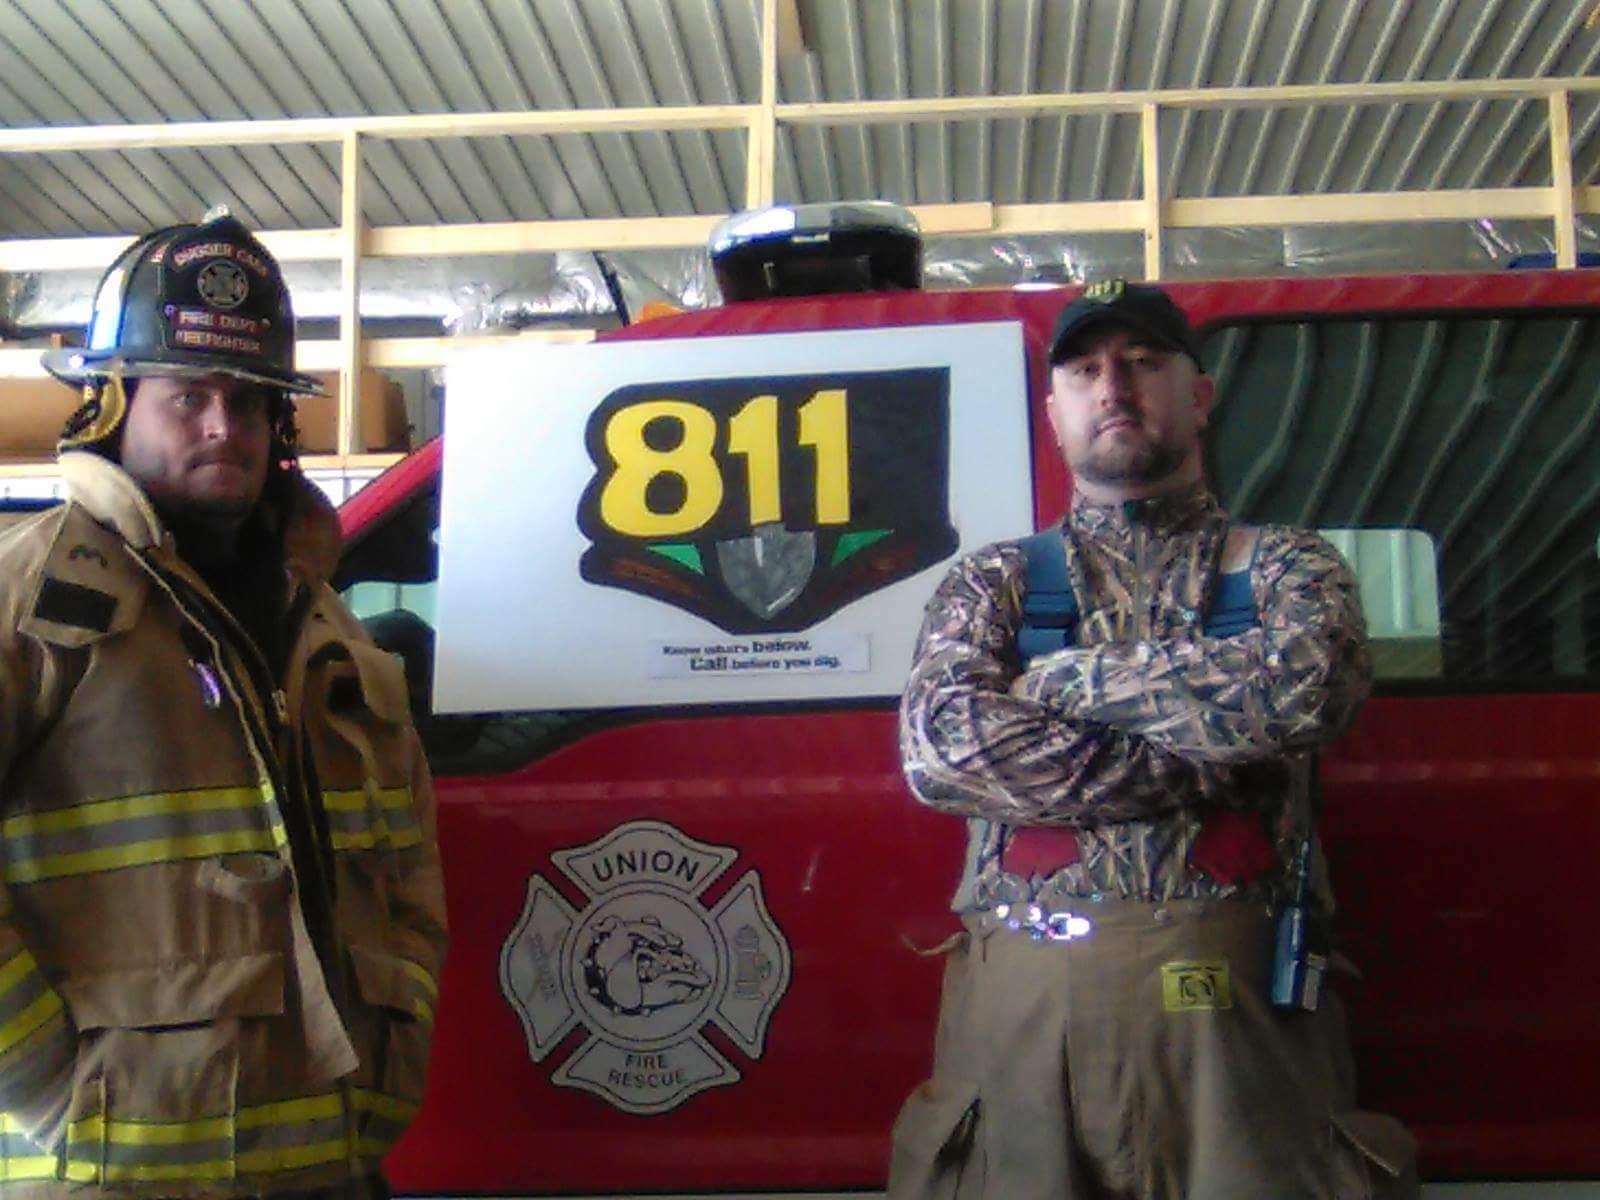 Union Fire Rescue